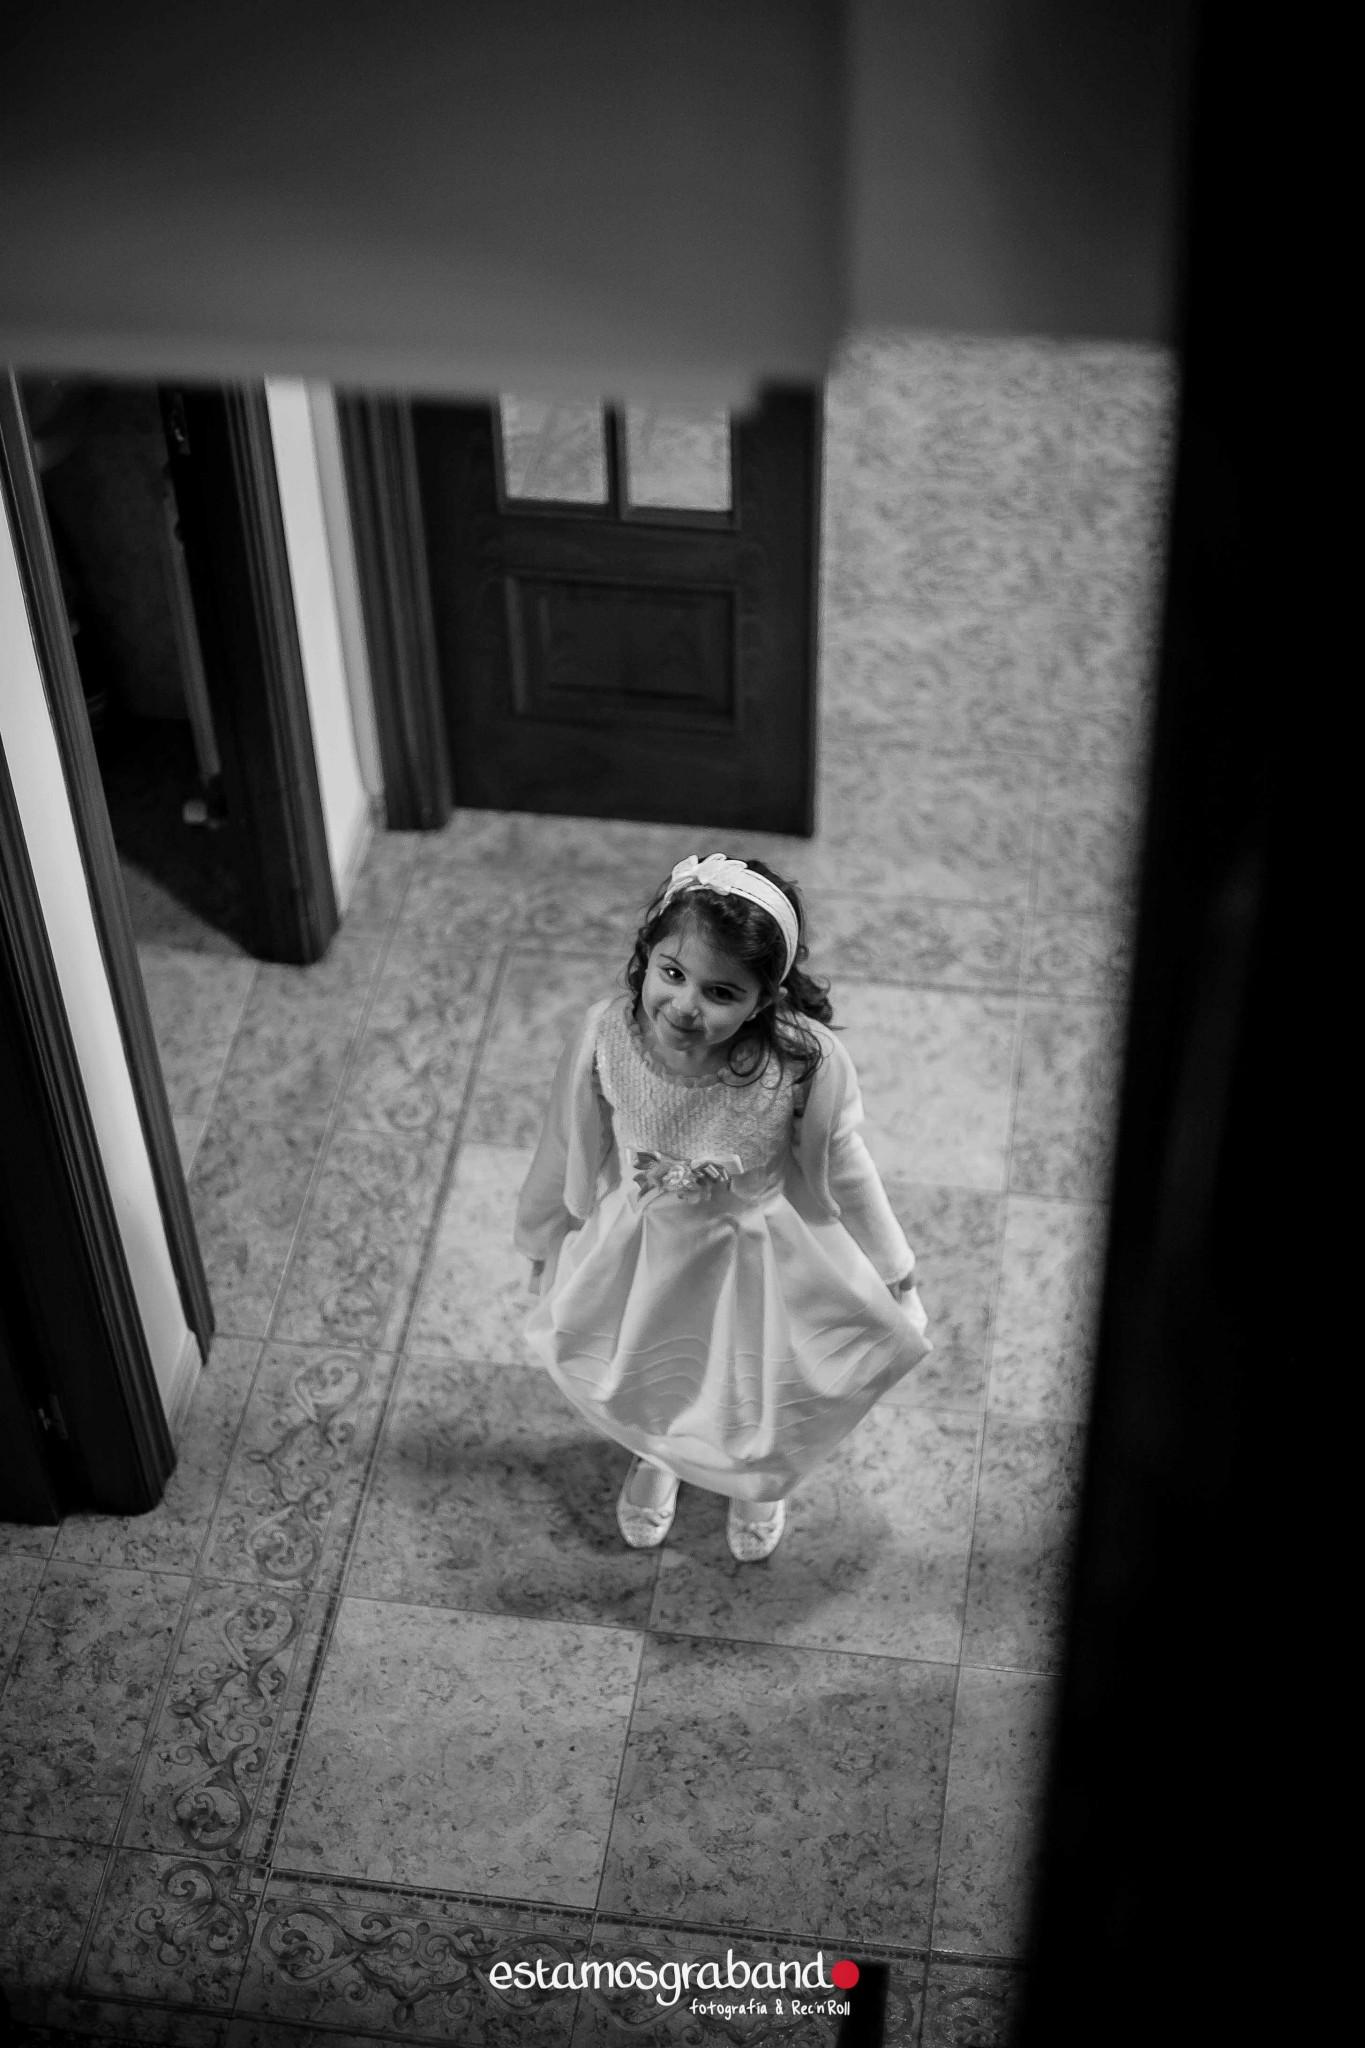 amparo-agustin_fotografia-boda_boda-jaen_jaen-fotografia-bodas_reportaje-boda_reportaje-boda-jaen_fotos-boda_fotos-jaen-12 ¡Alto ahi! [Boda Amparo & Agustín_Fotografía de bodas en Jaén] - video boda cadiz